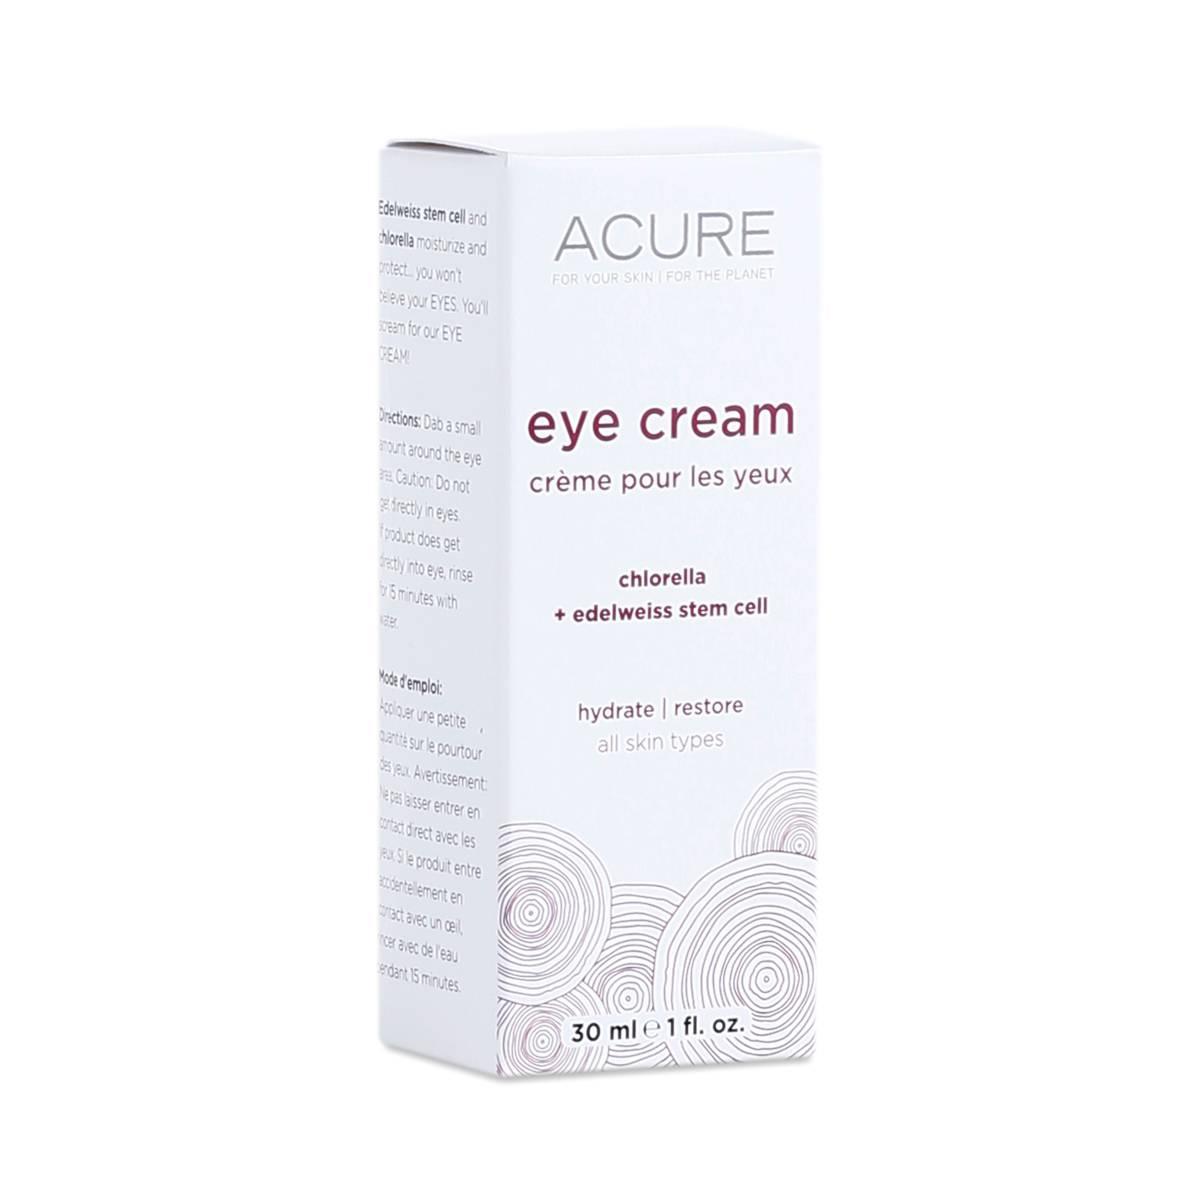 Eye Cream By Acure Organics